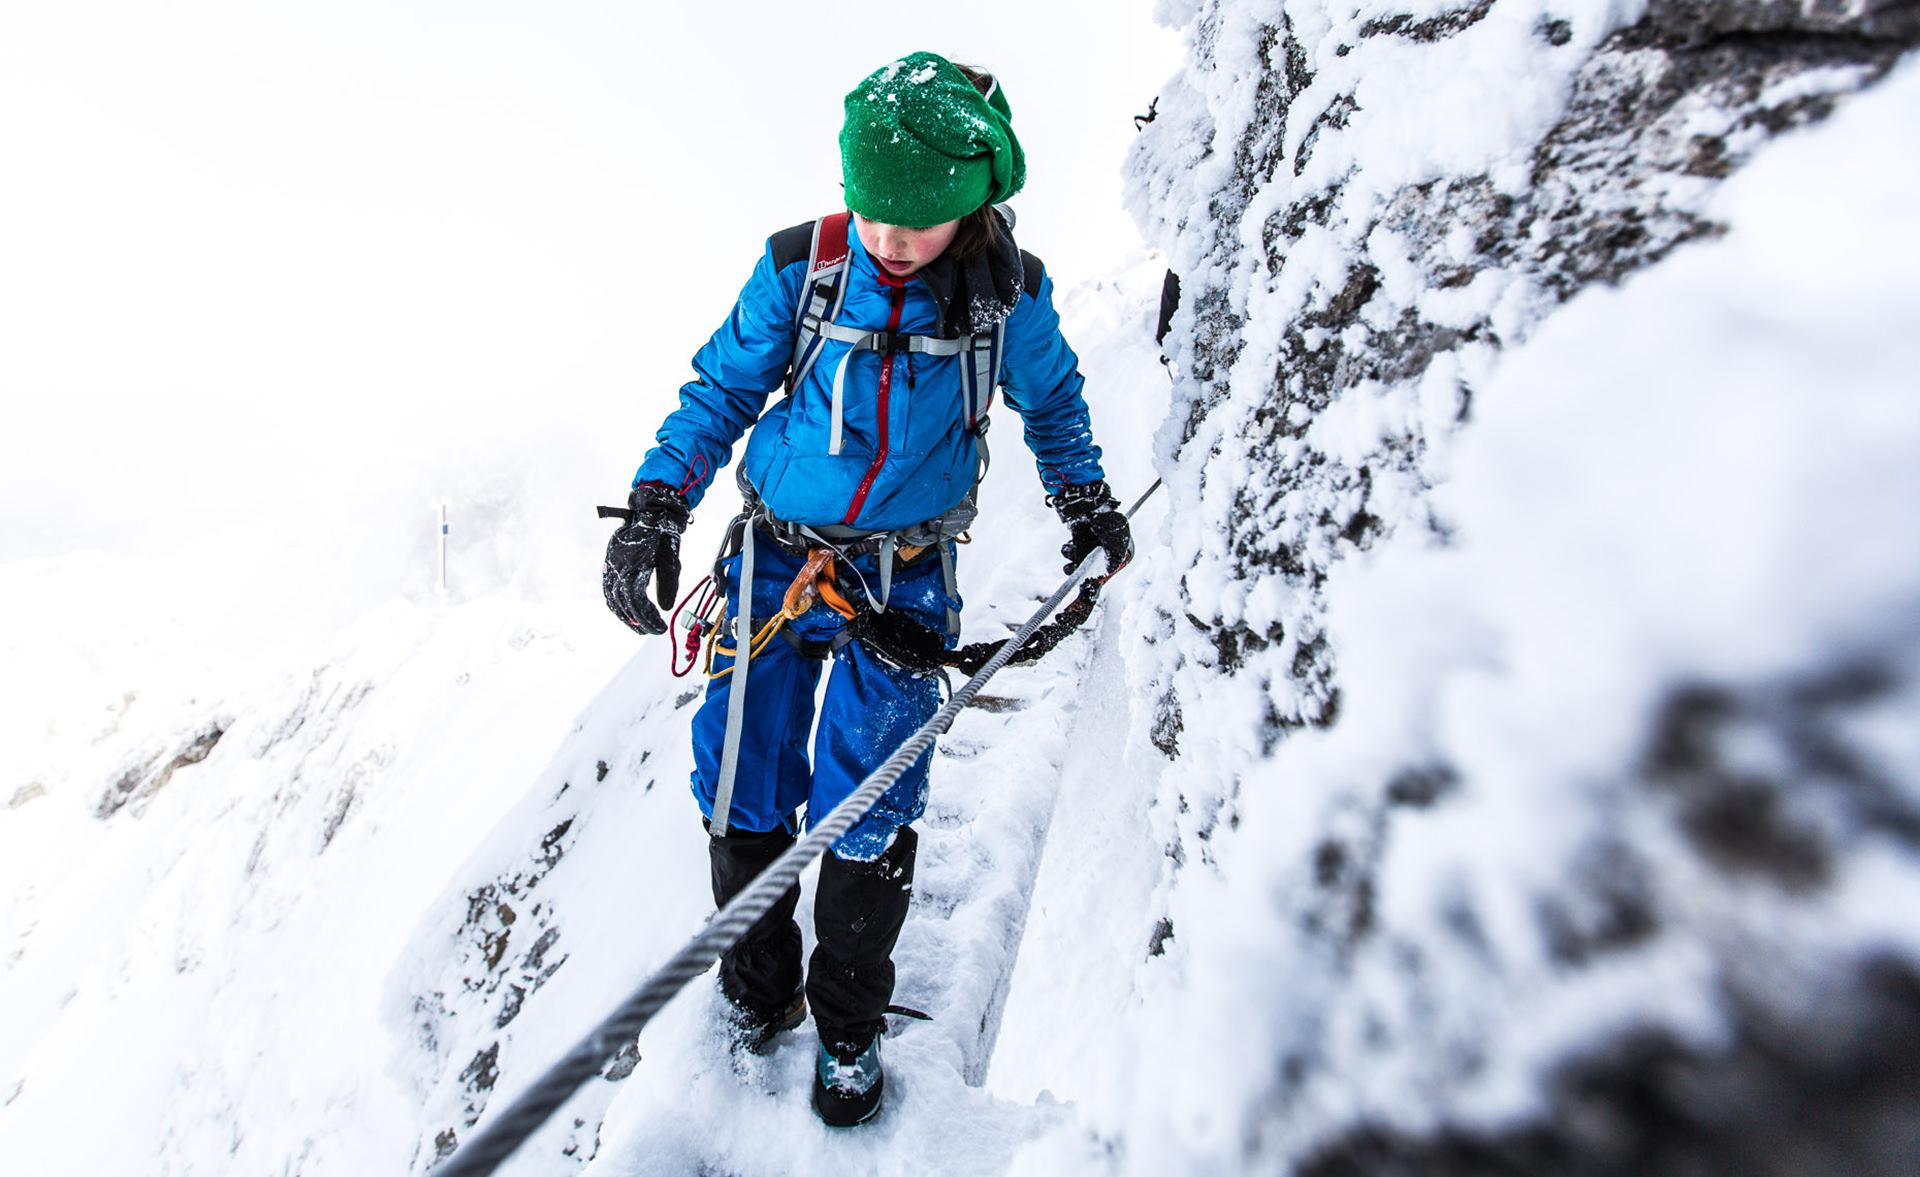 kind-winter-klettersteig-tour-schnee